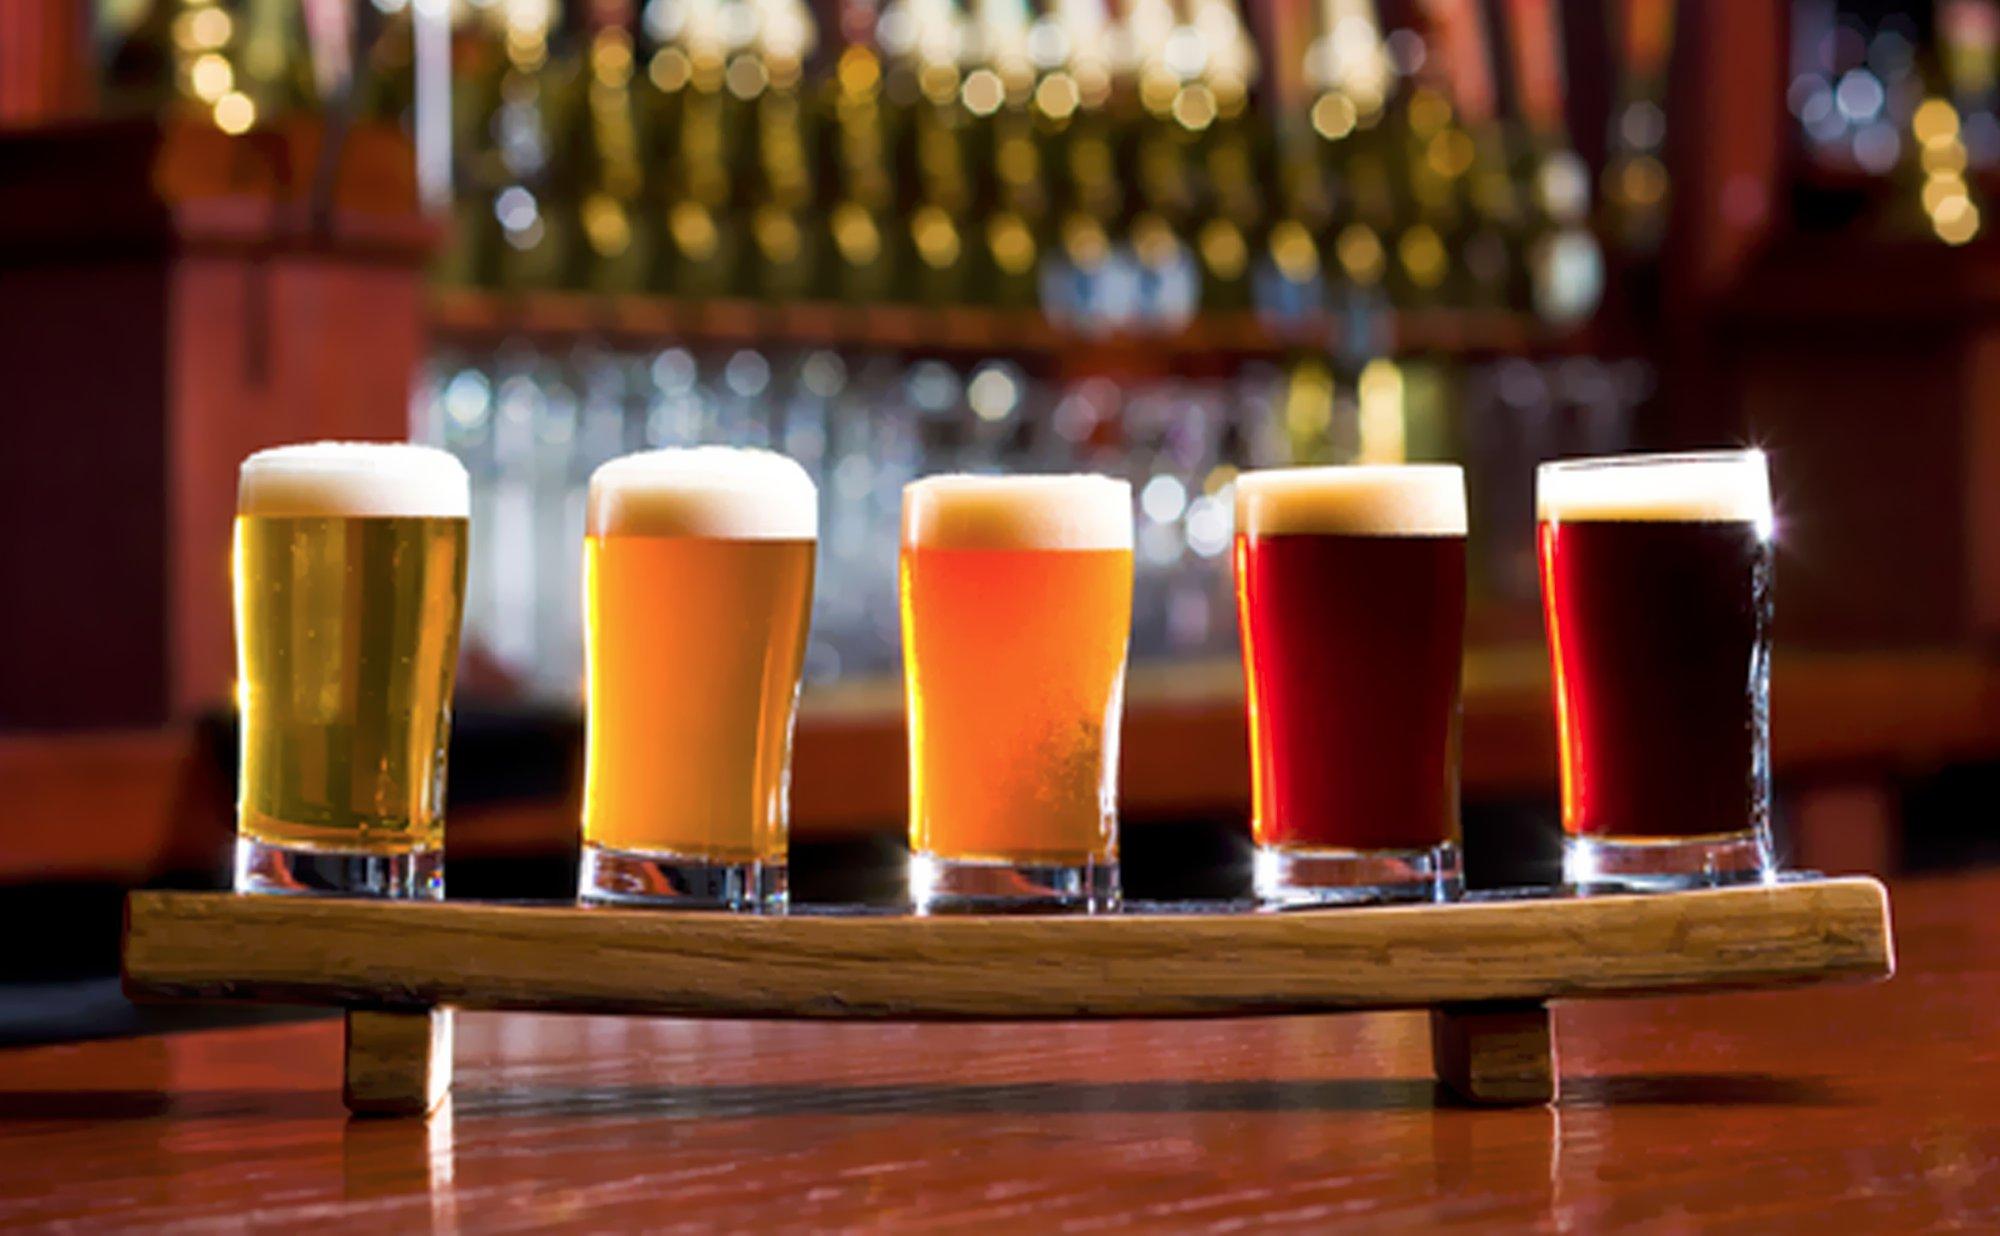 Preço alto da cerveja fecha 21 bares britânicos por semana